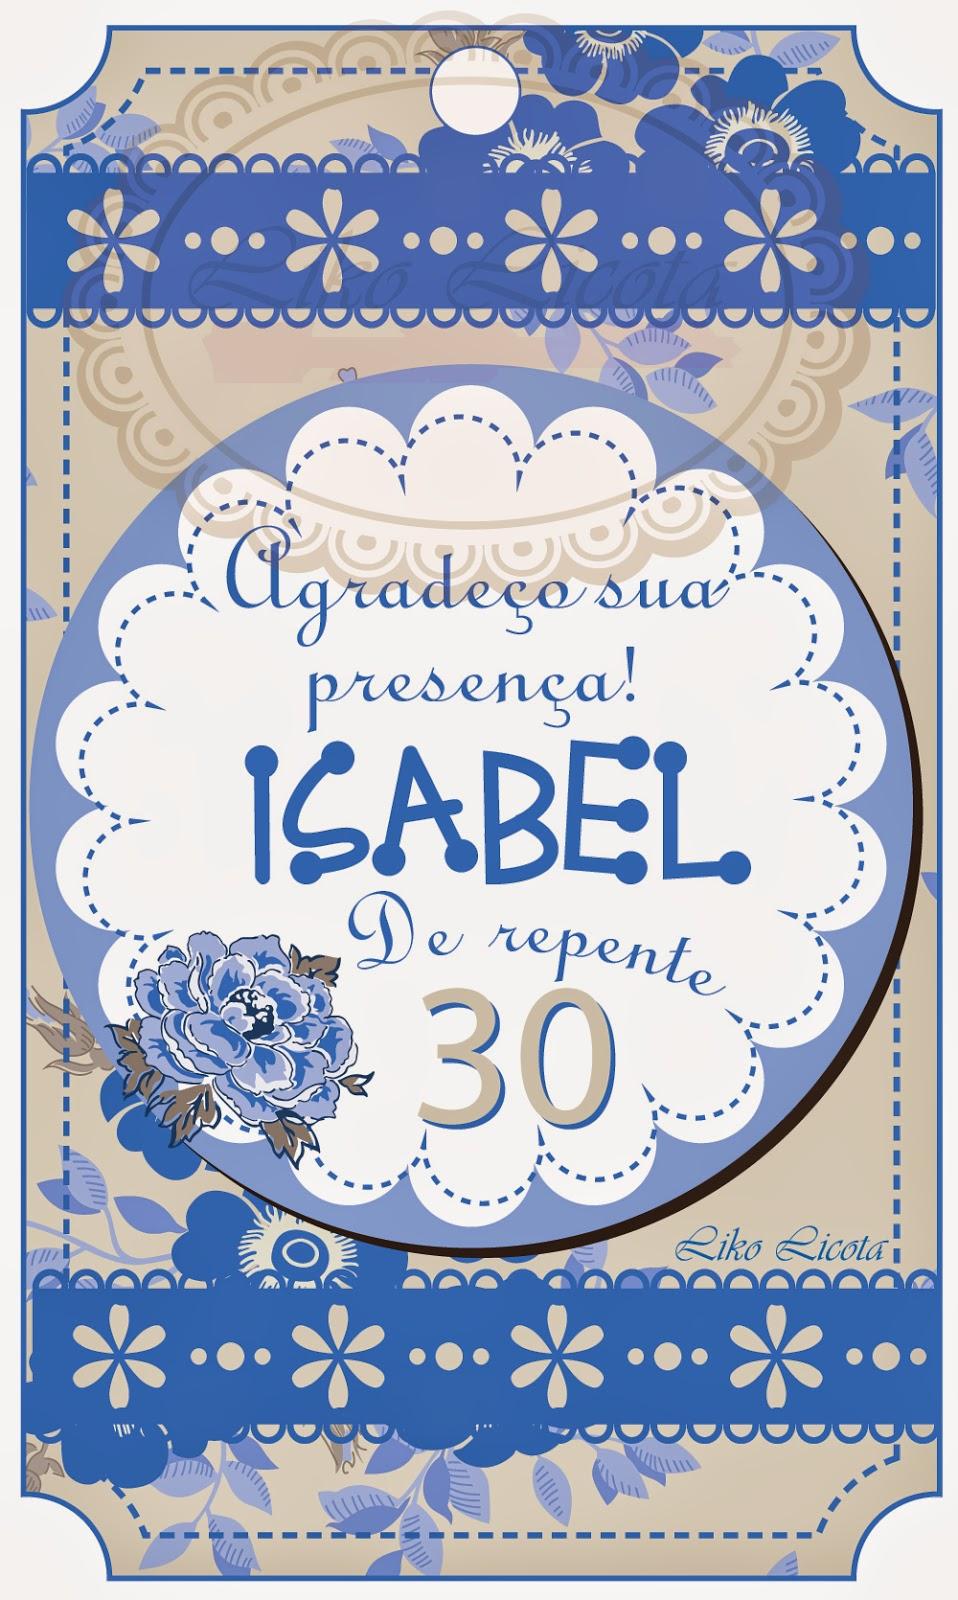 adesivos personalizados para festa de repente 30